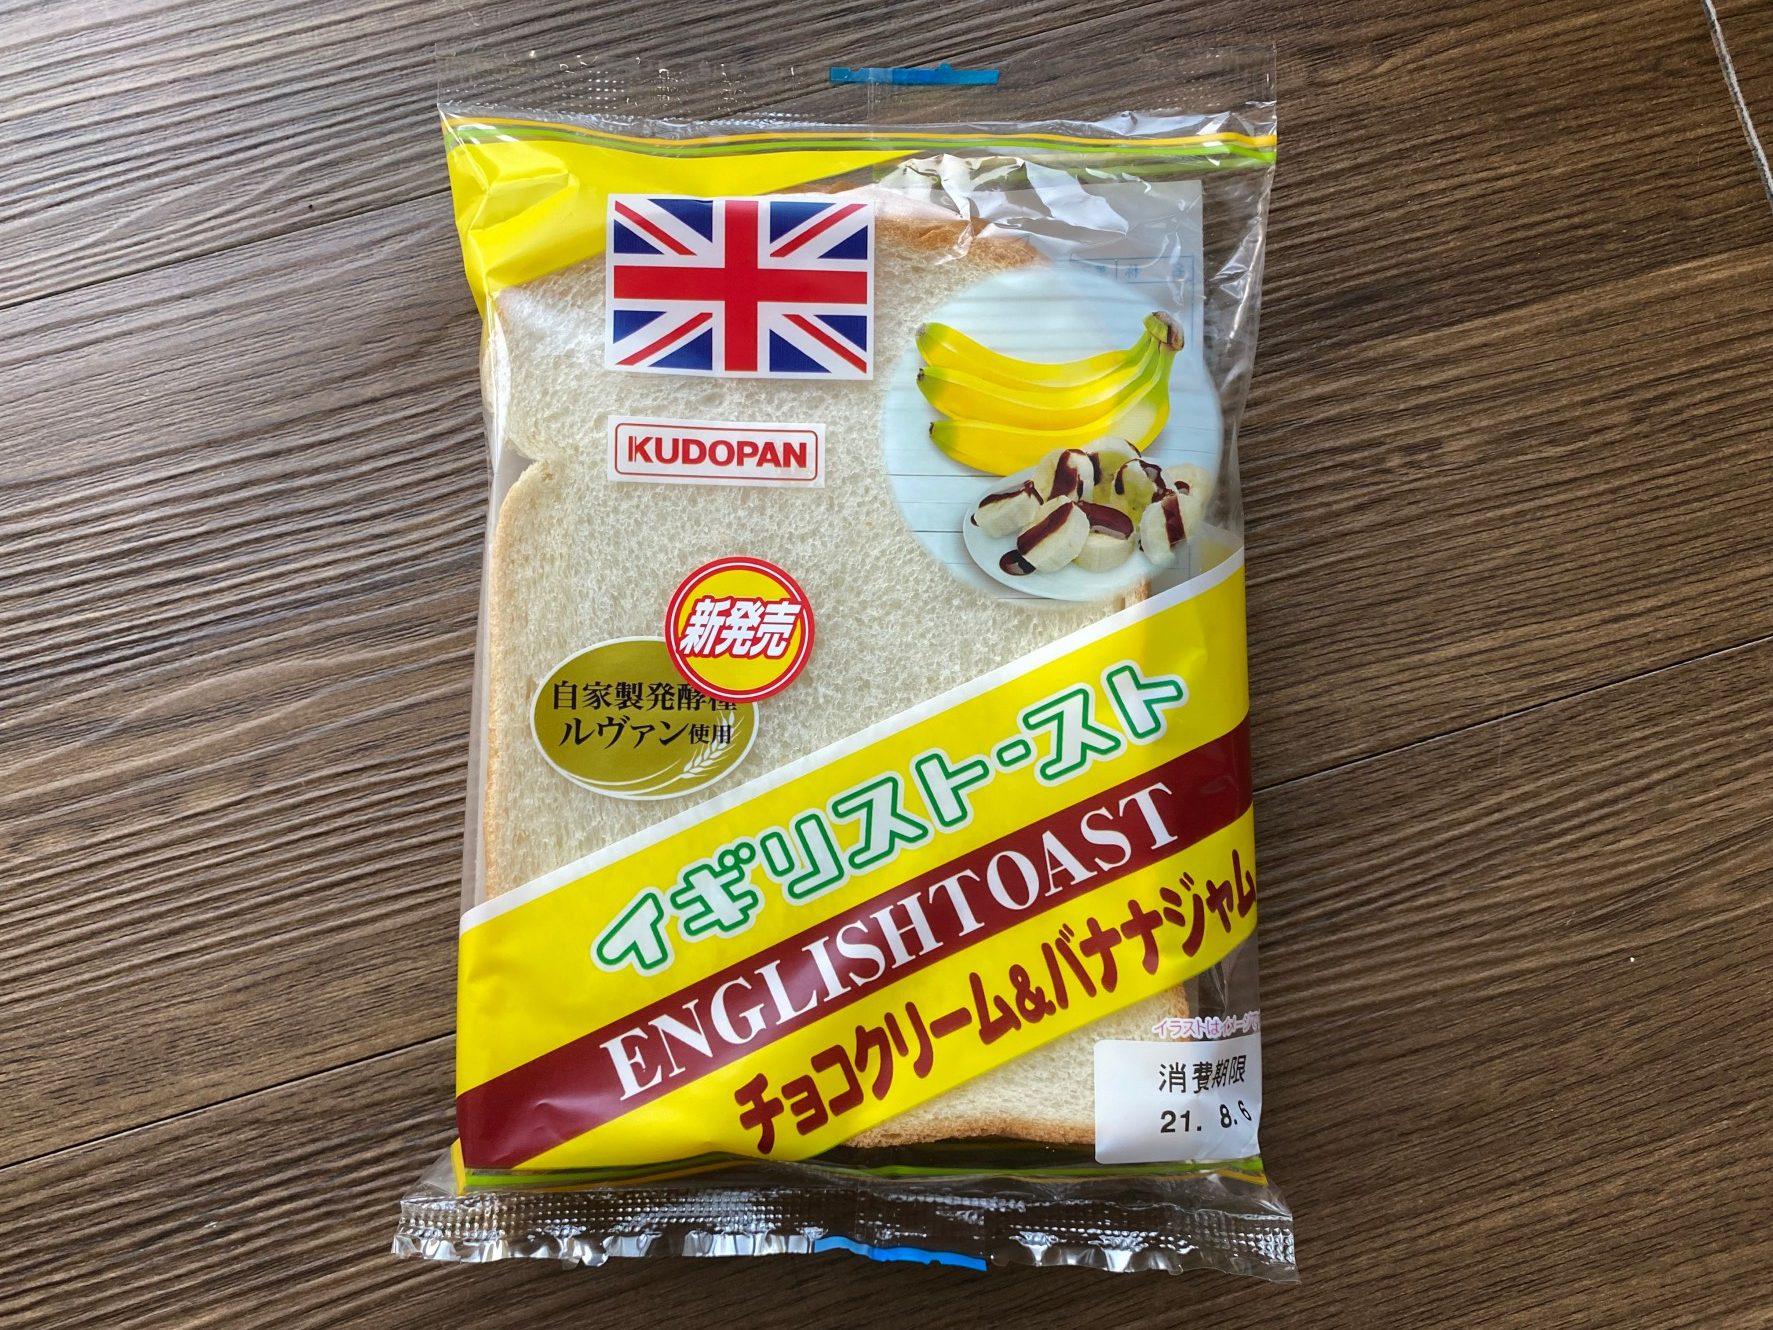 【新商品】イギリストースト チョコクリーム&バナナジャム が発売!